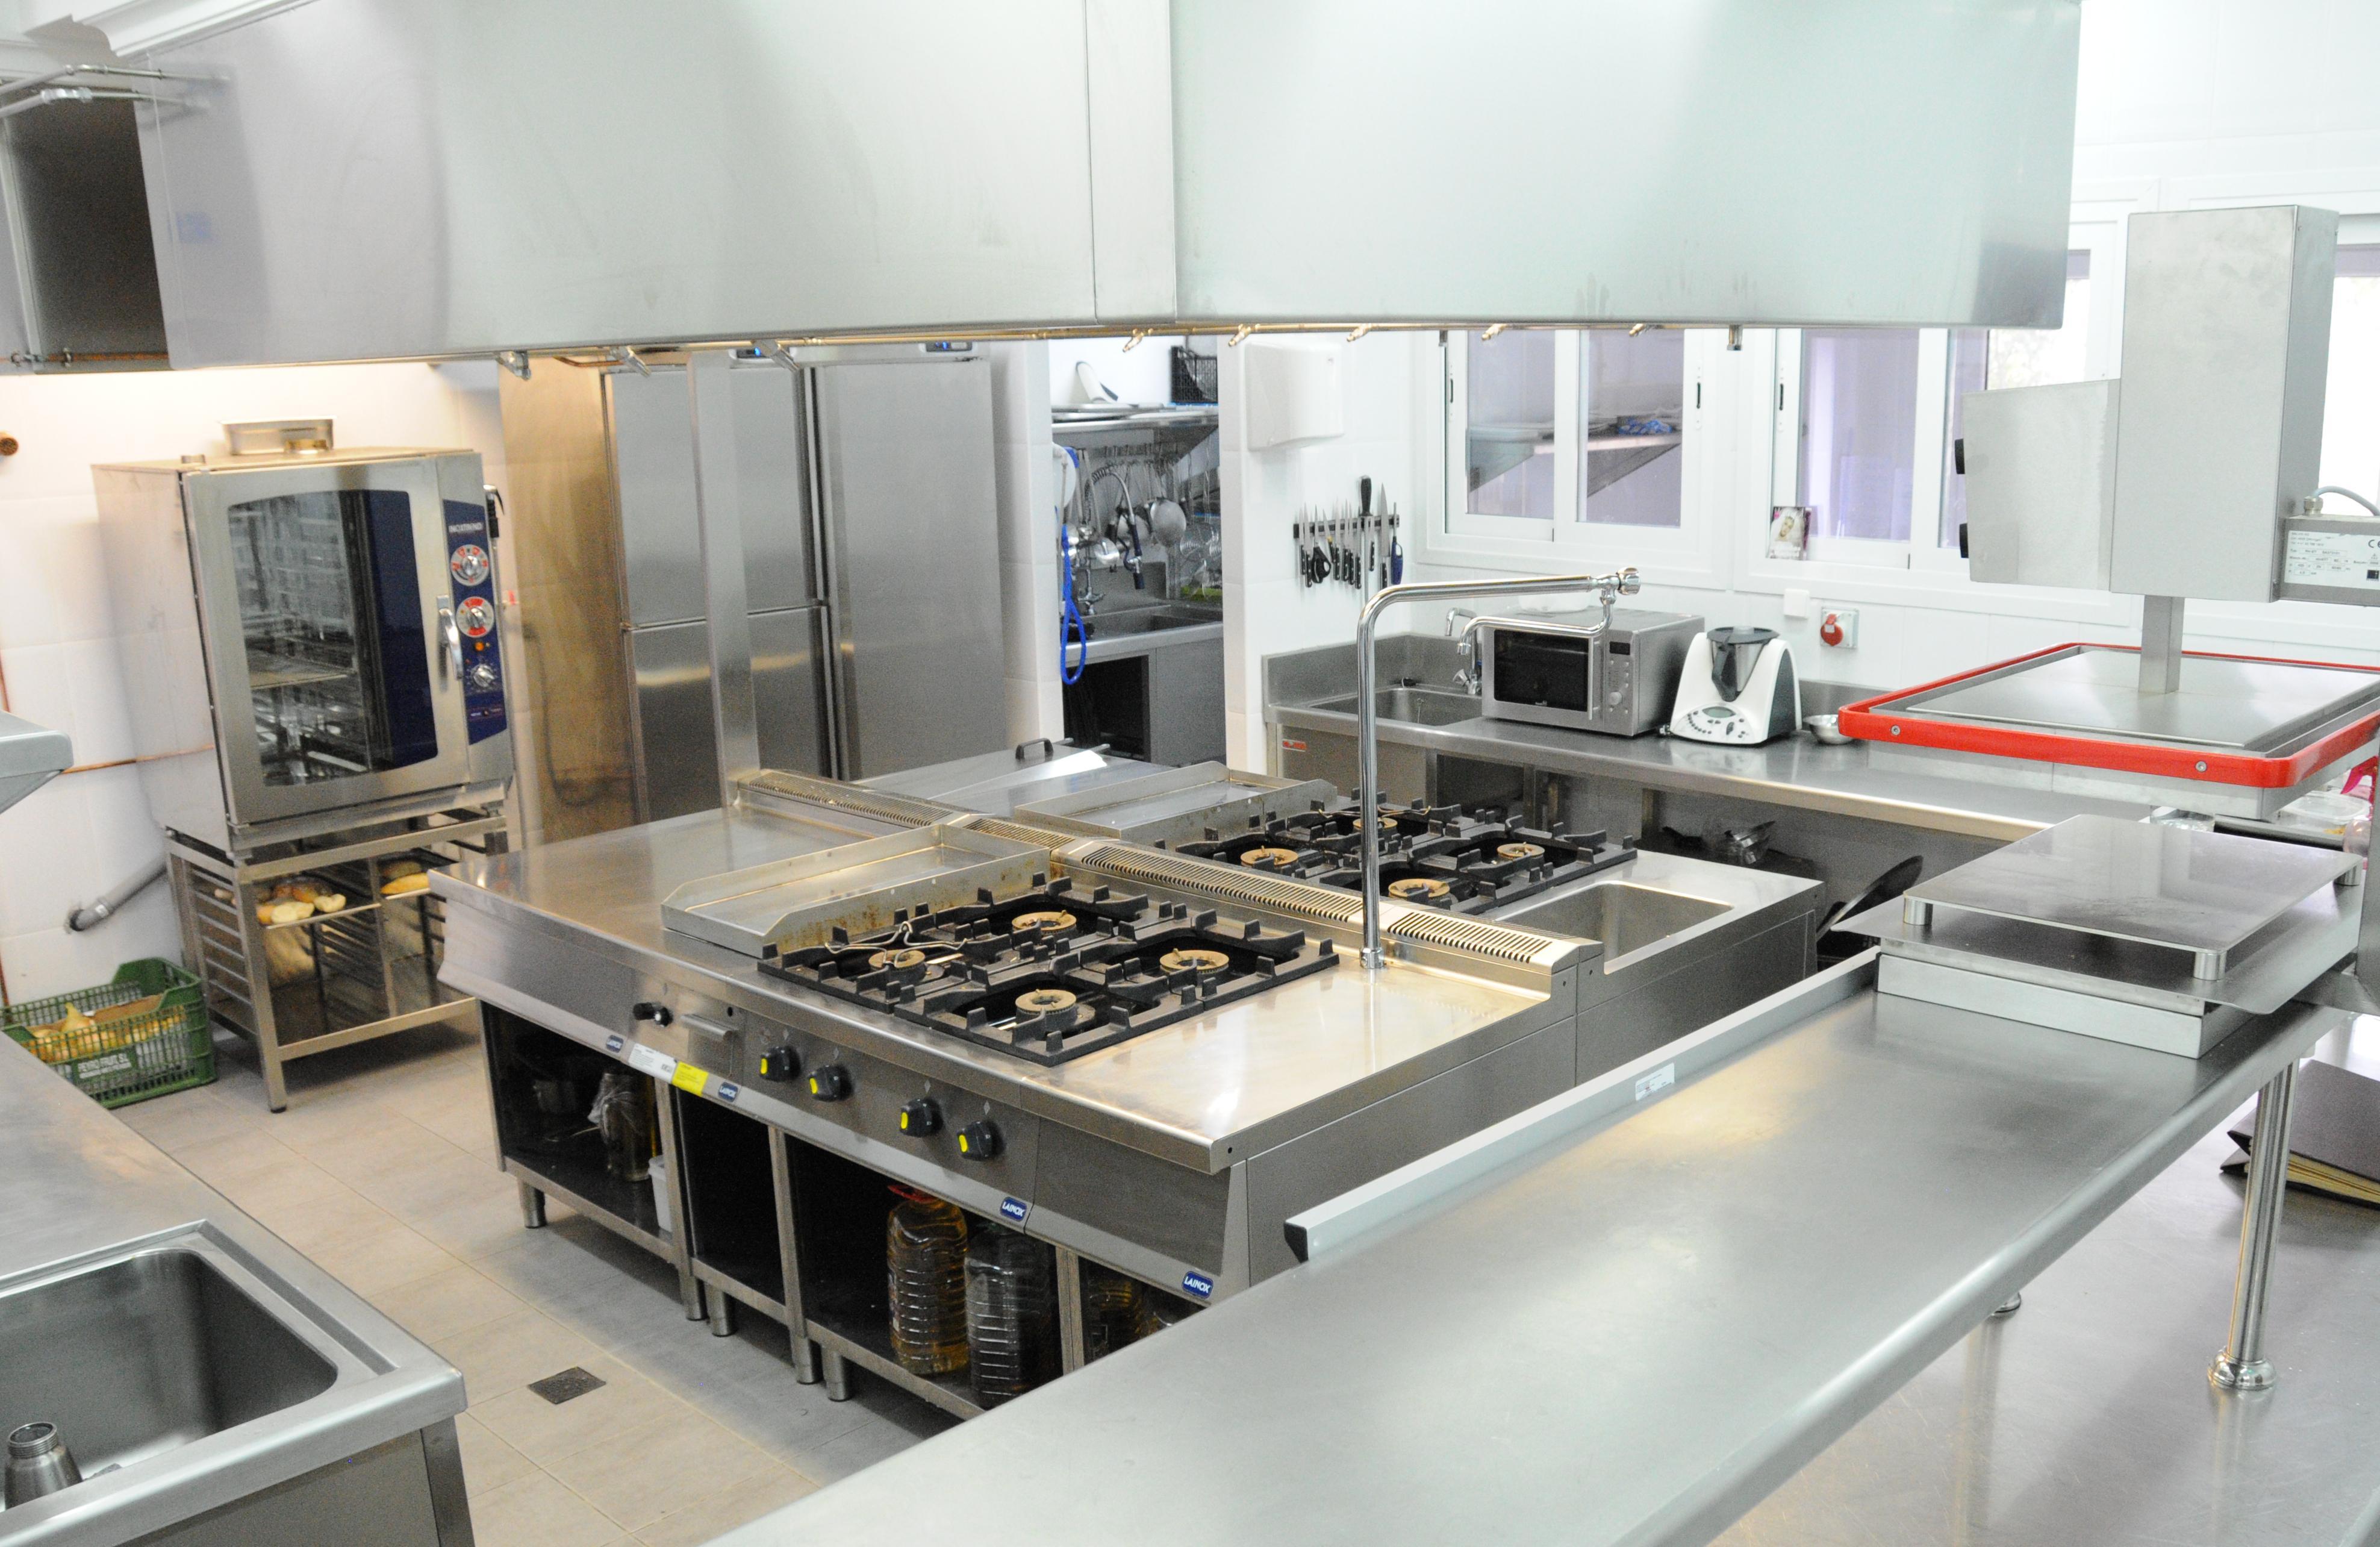 Instalacion cocinas industriales hoteles remodelacion for Planos de cocinas para restaurantes